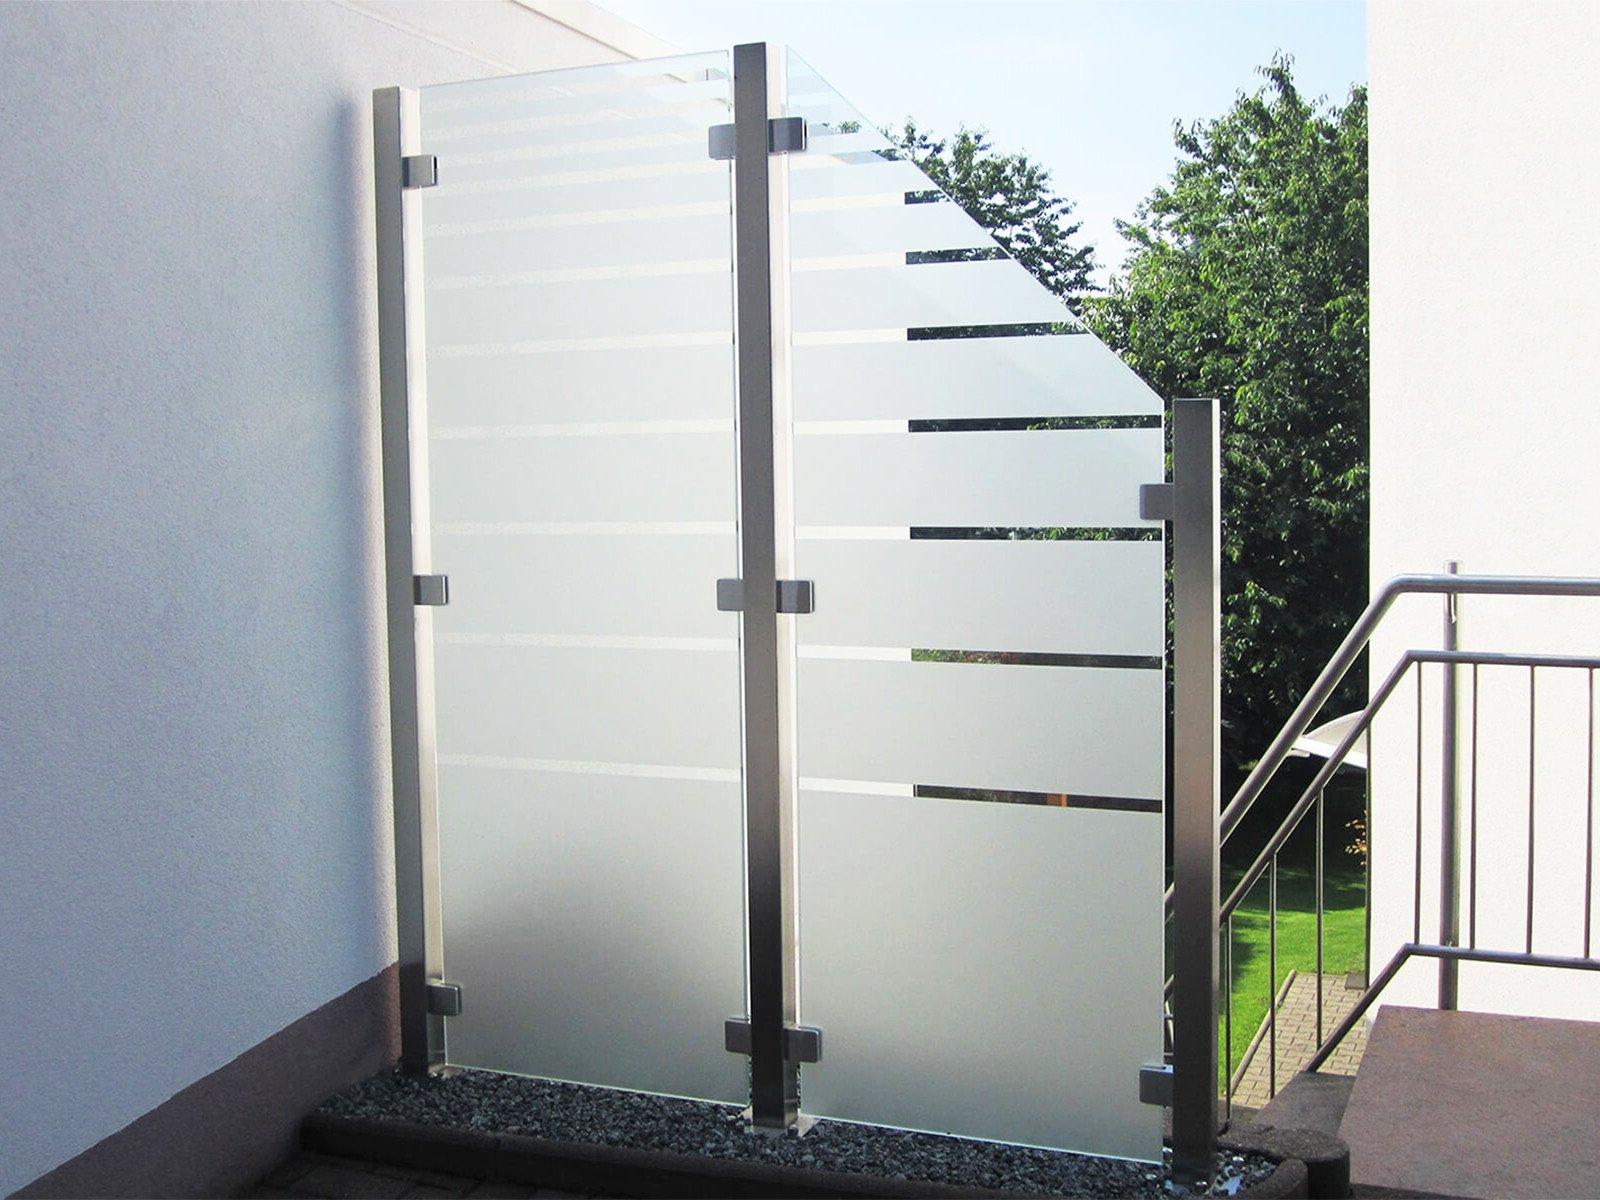 Glaszaun Wind- und Sichtschutz nach Maß optimal für jeden Außenbereich flexibel im Einsatz